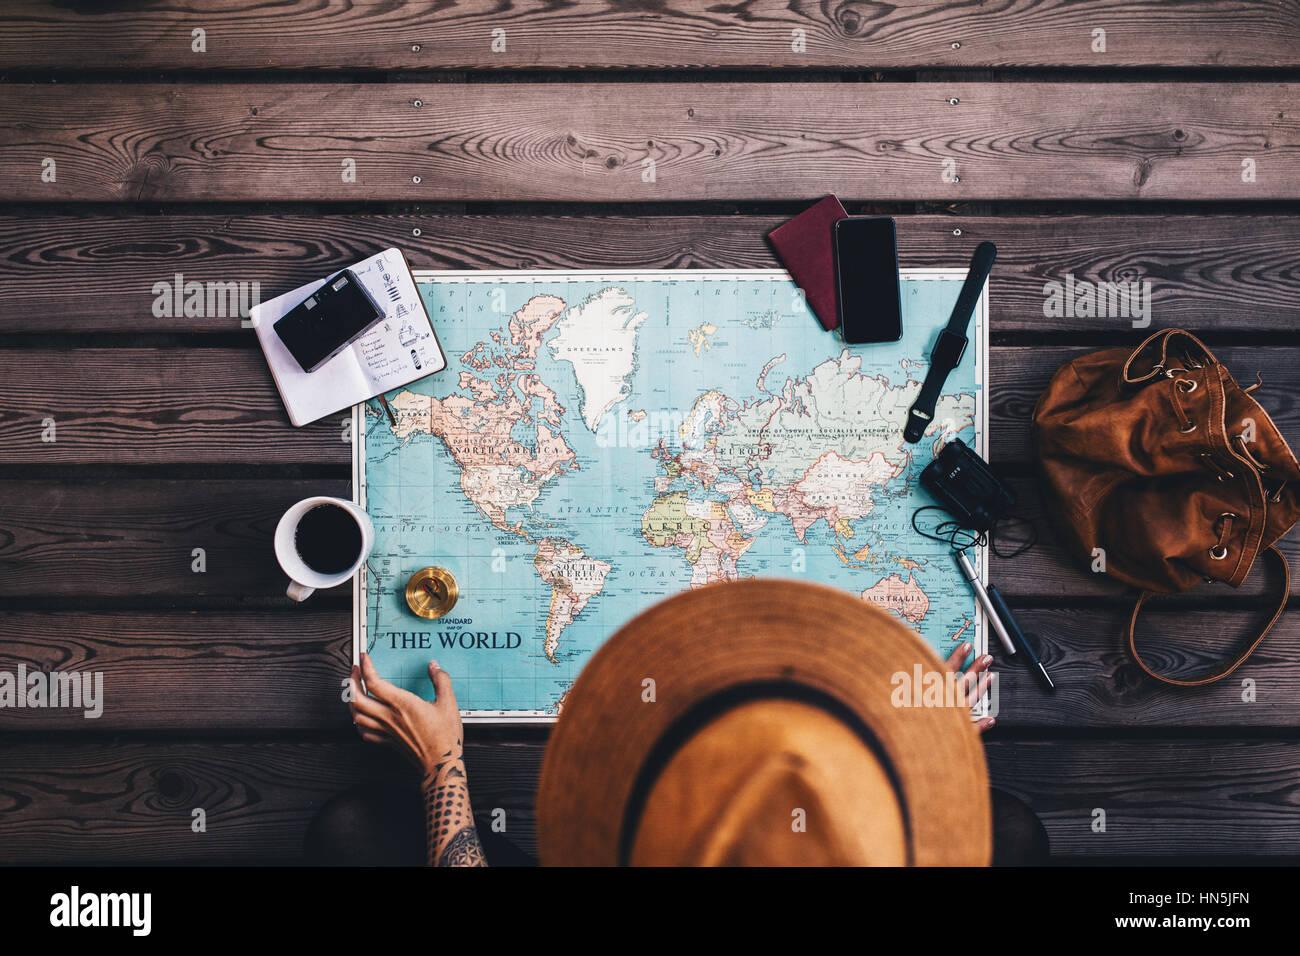 Junge Frau Urlaubsplanung mit Karte und Kompass zusammen mit anderen Reise-Accessoires. Touristischen braunen Hut, Stockbild